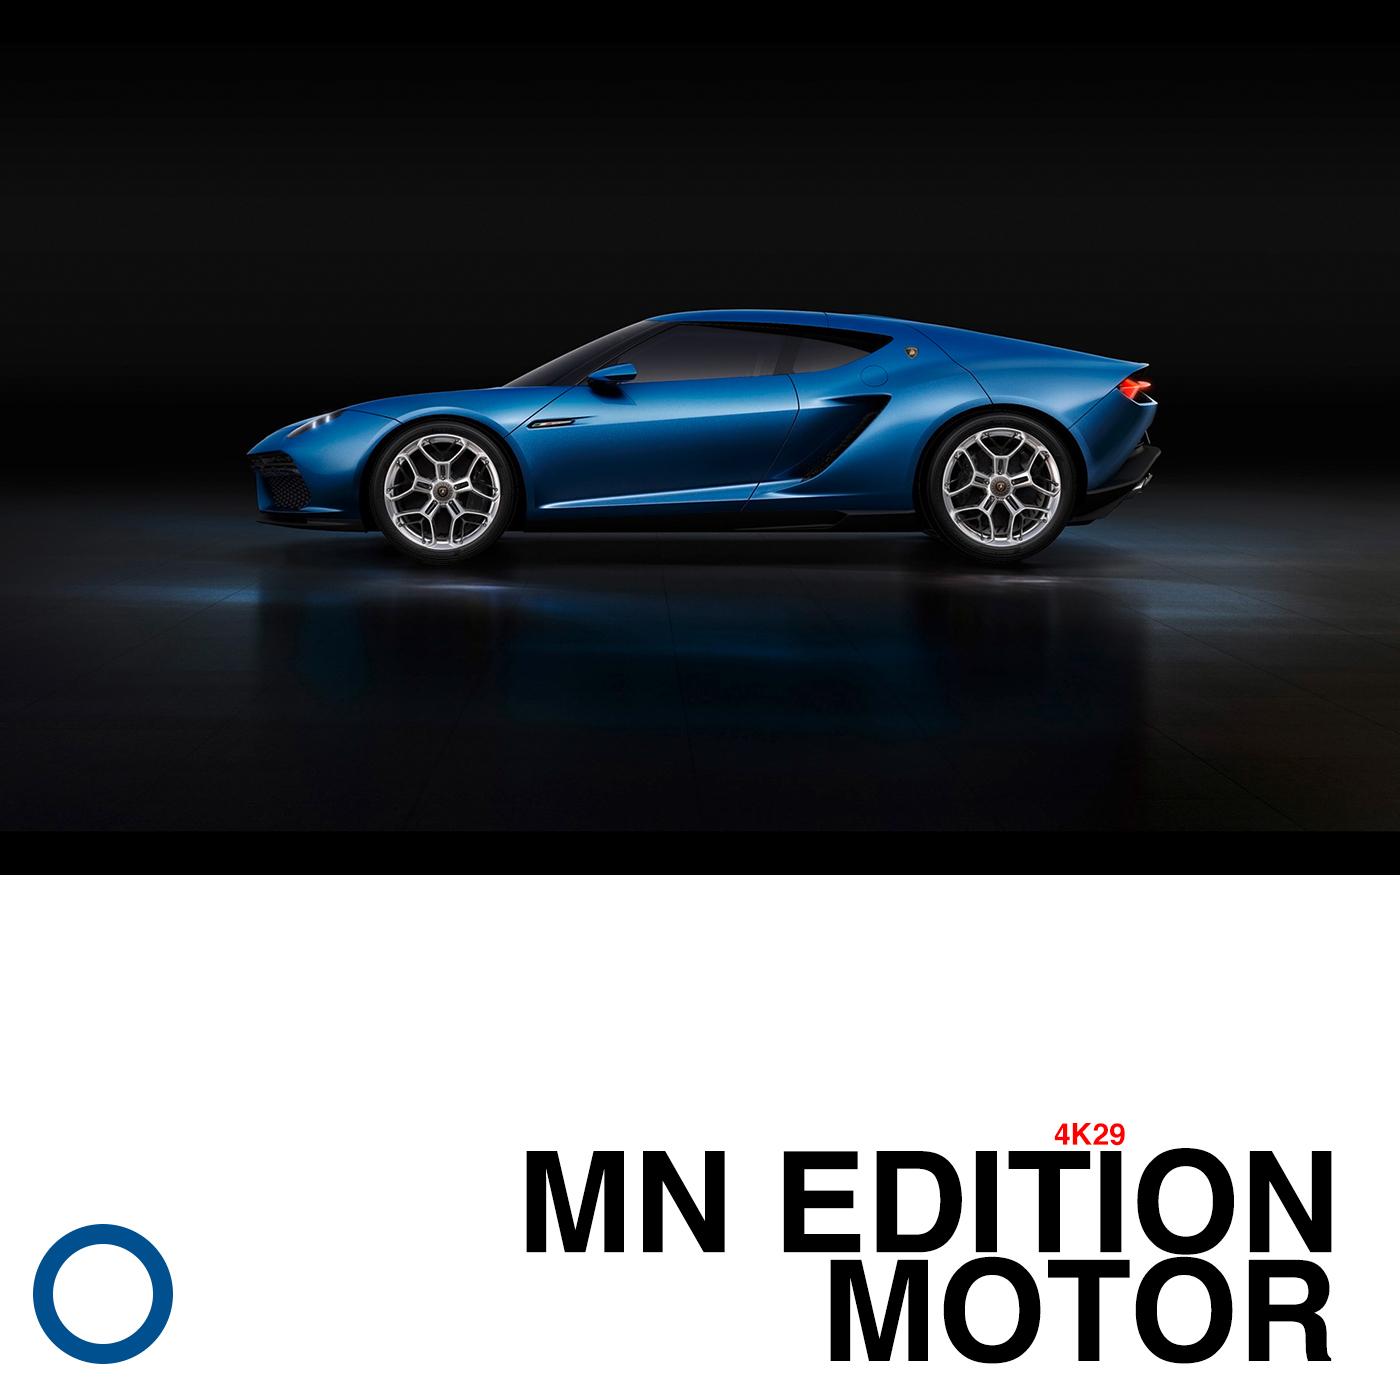 MN EDITION MOTOR 4K29